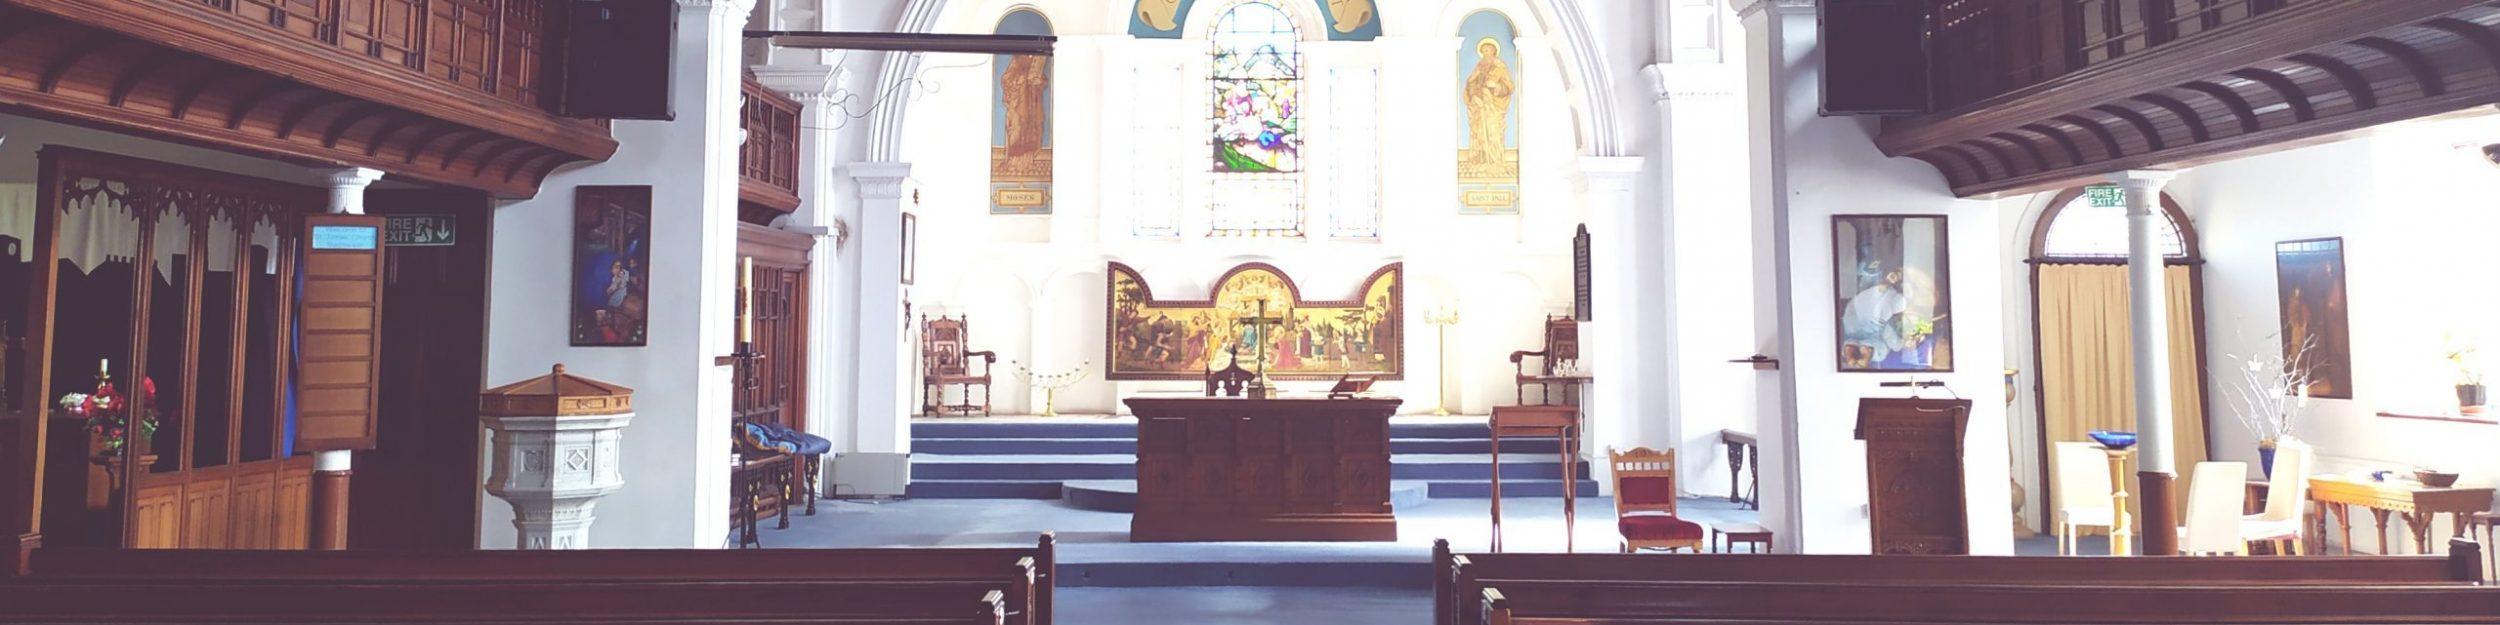 St Bartholomew & St James